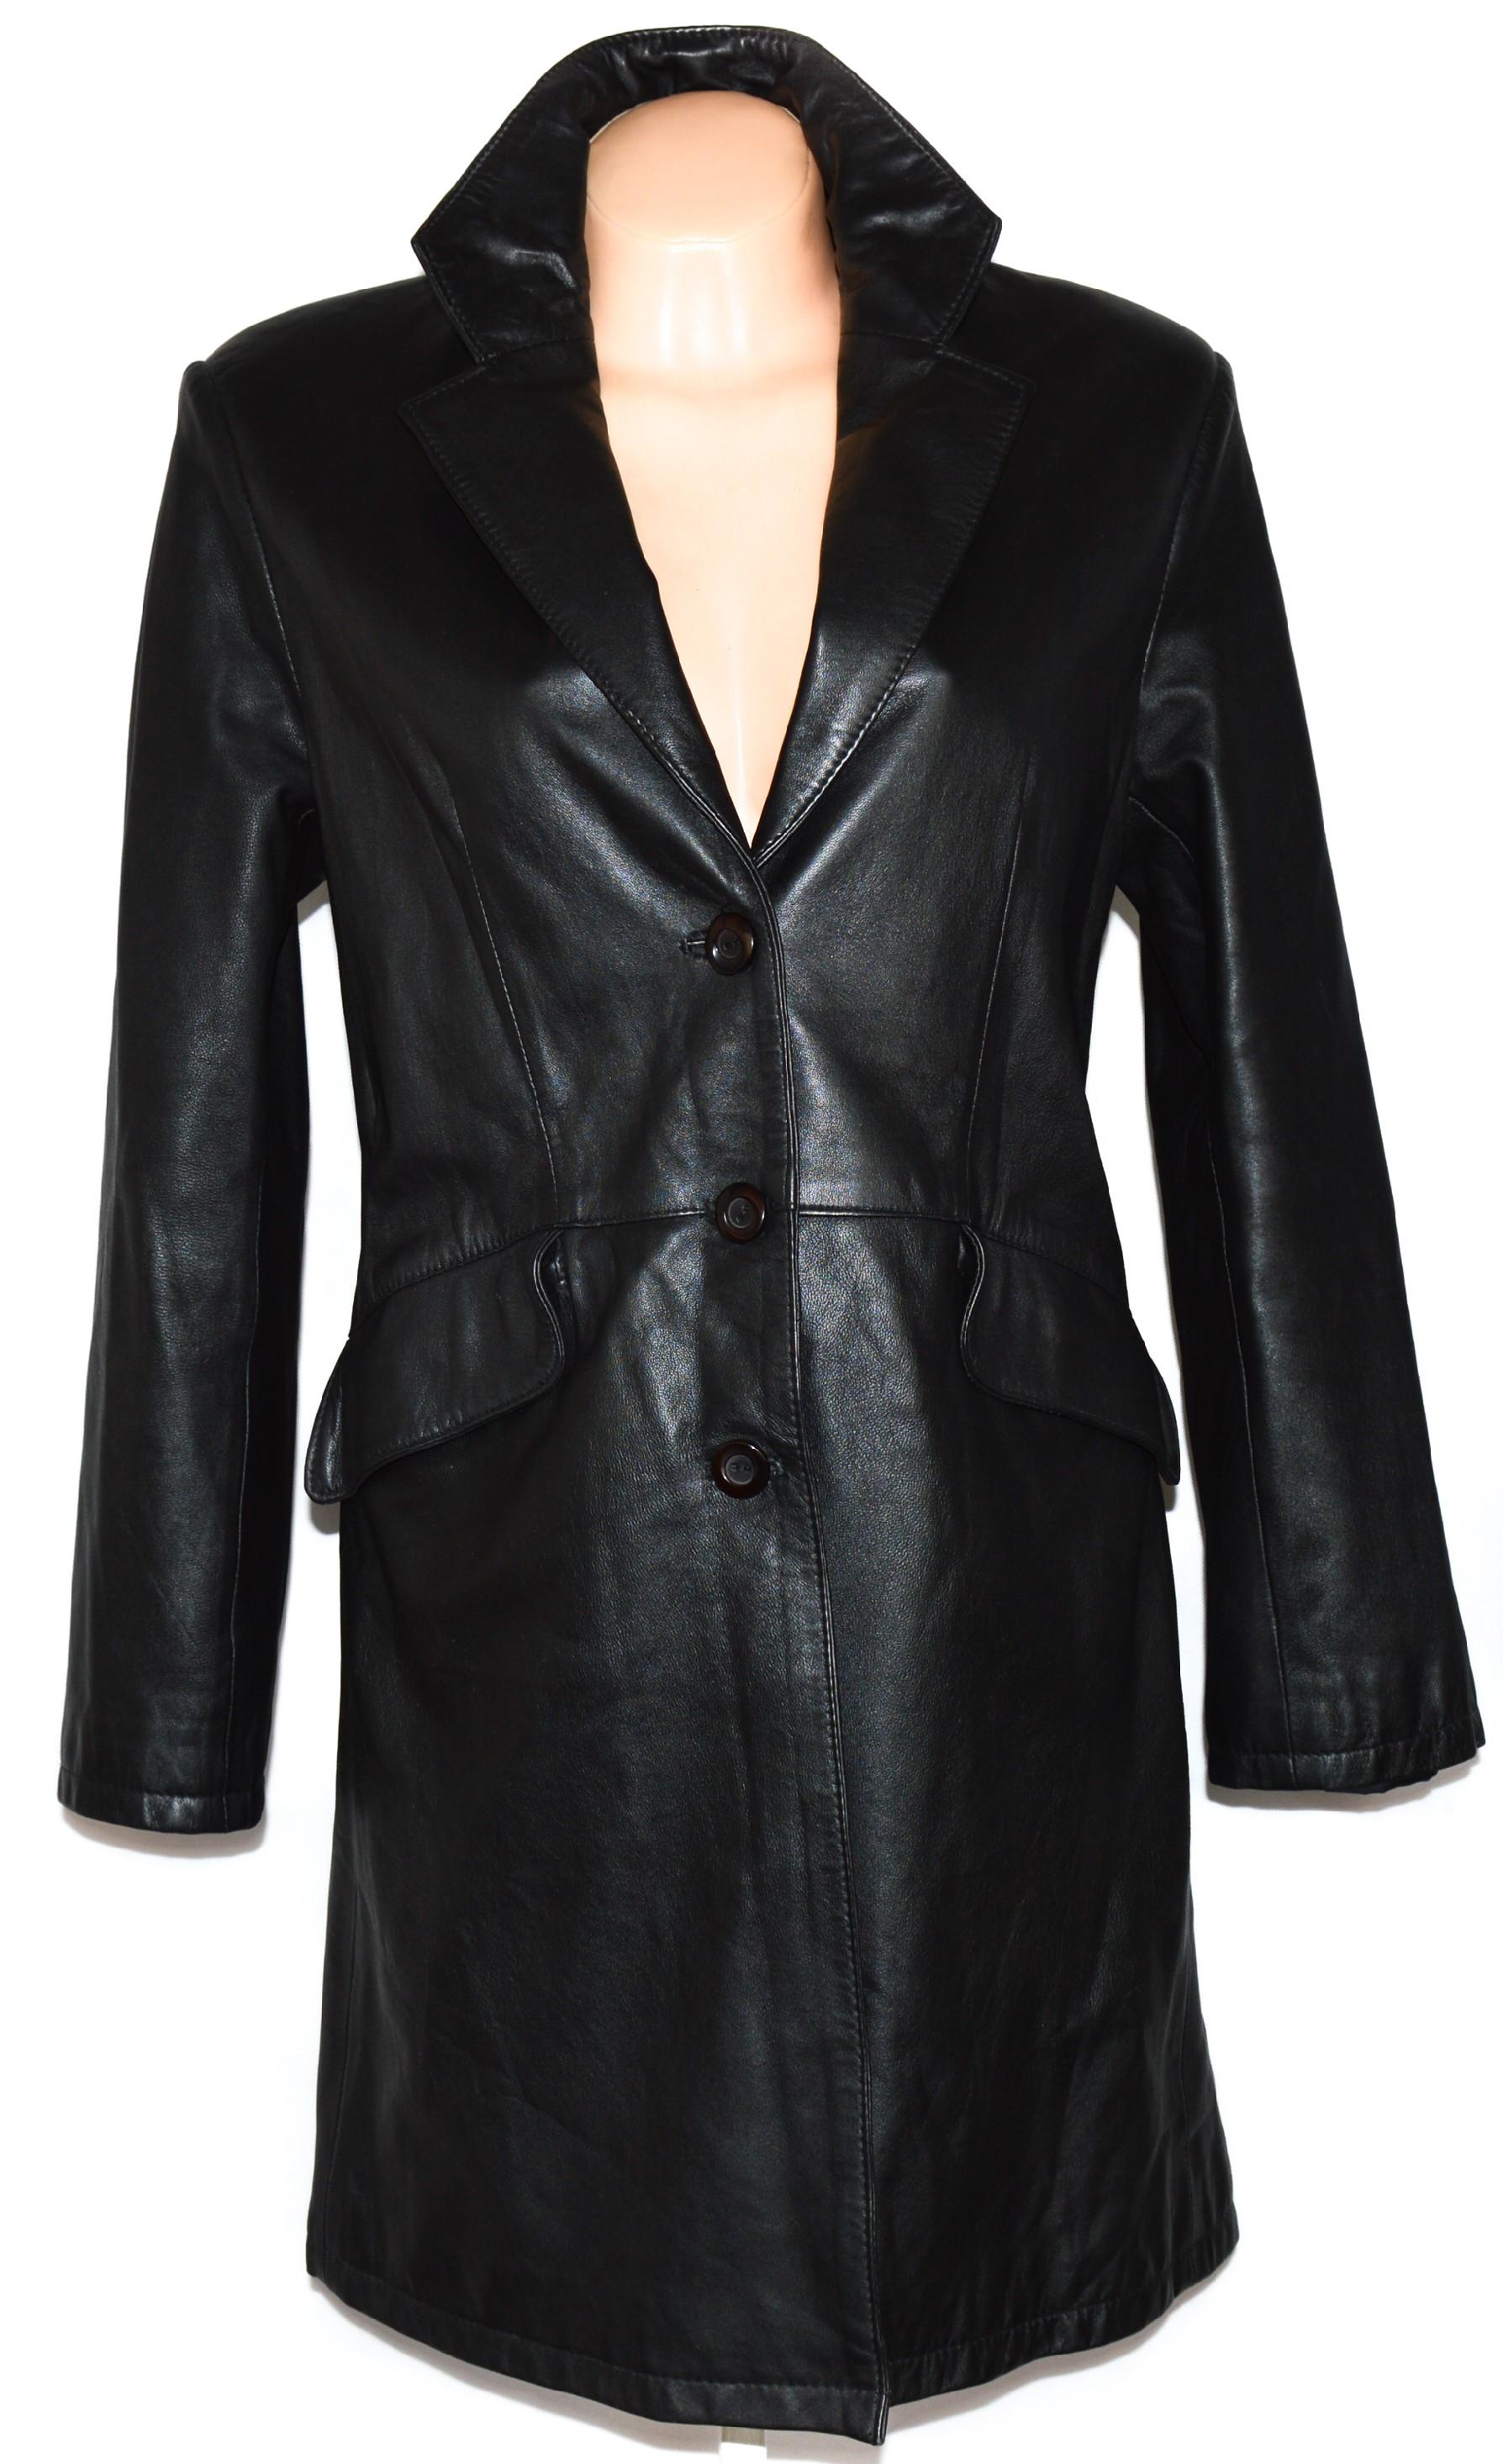 KOŽENÝ dámský černý měkký kabát Gesur L